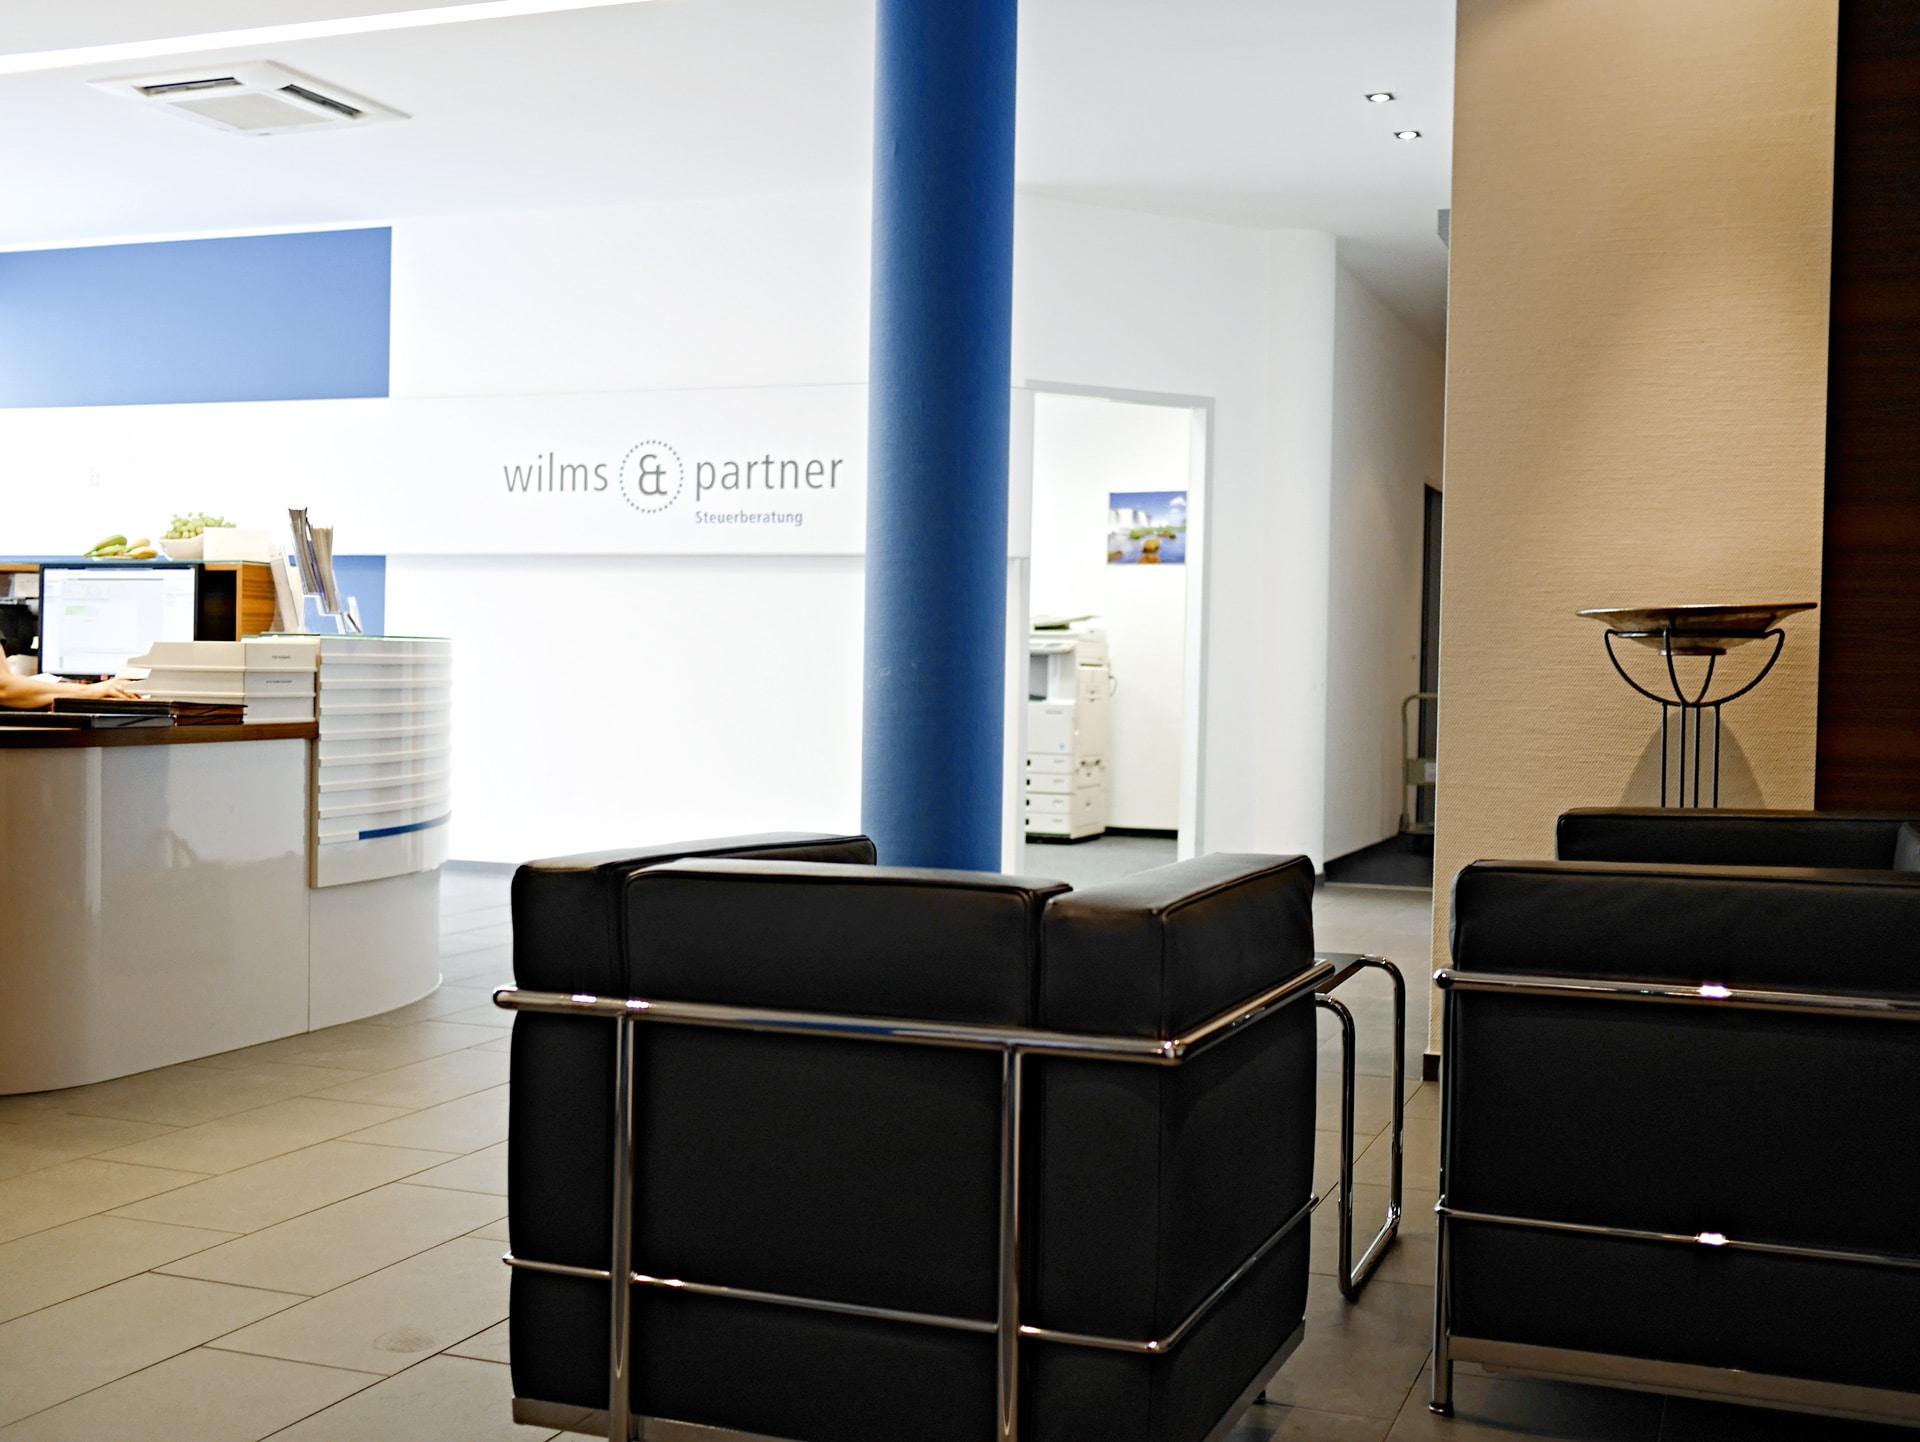 wilms & partner Steuerberater Düsseldorf - Eingangsbereich